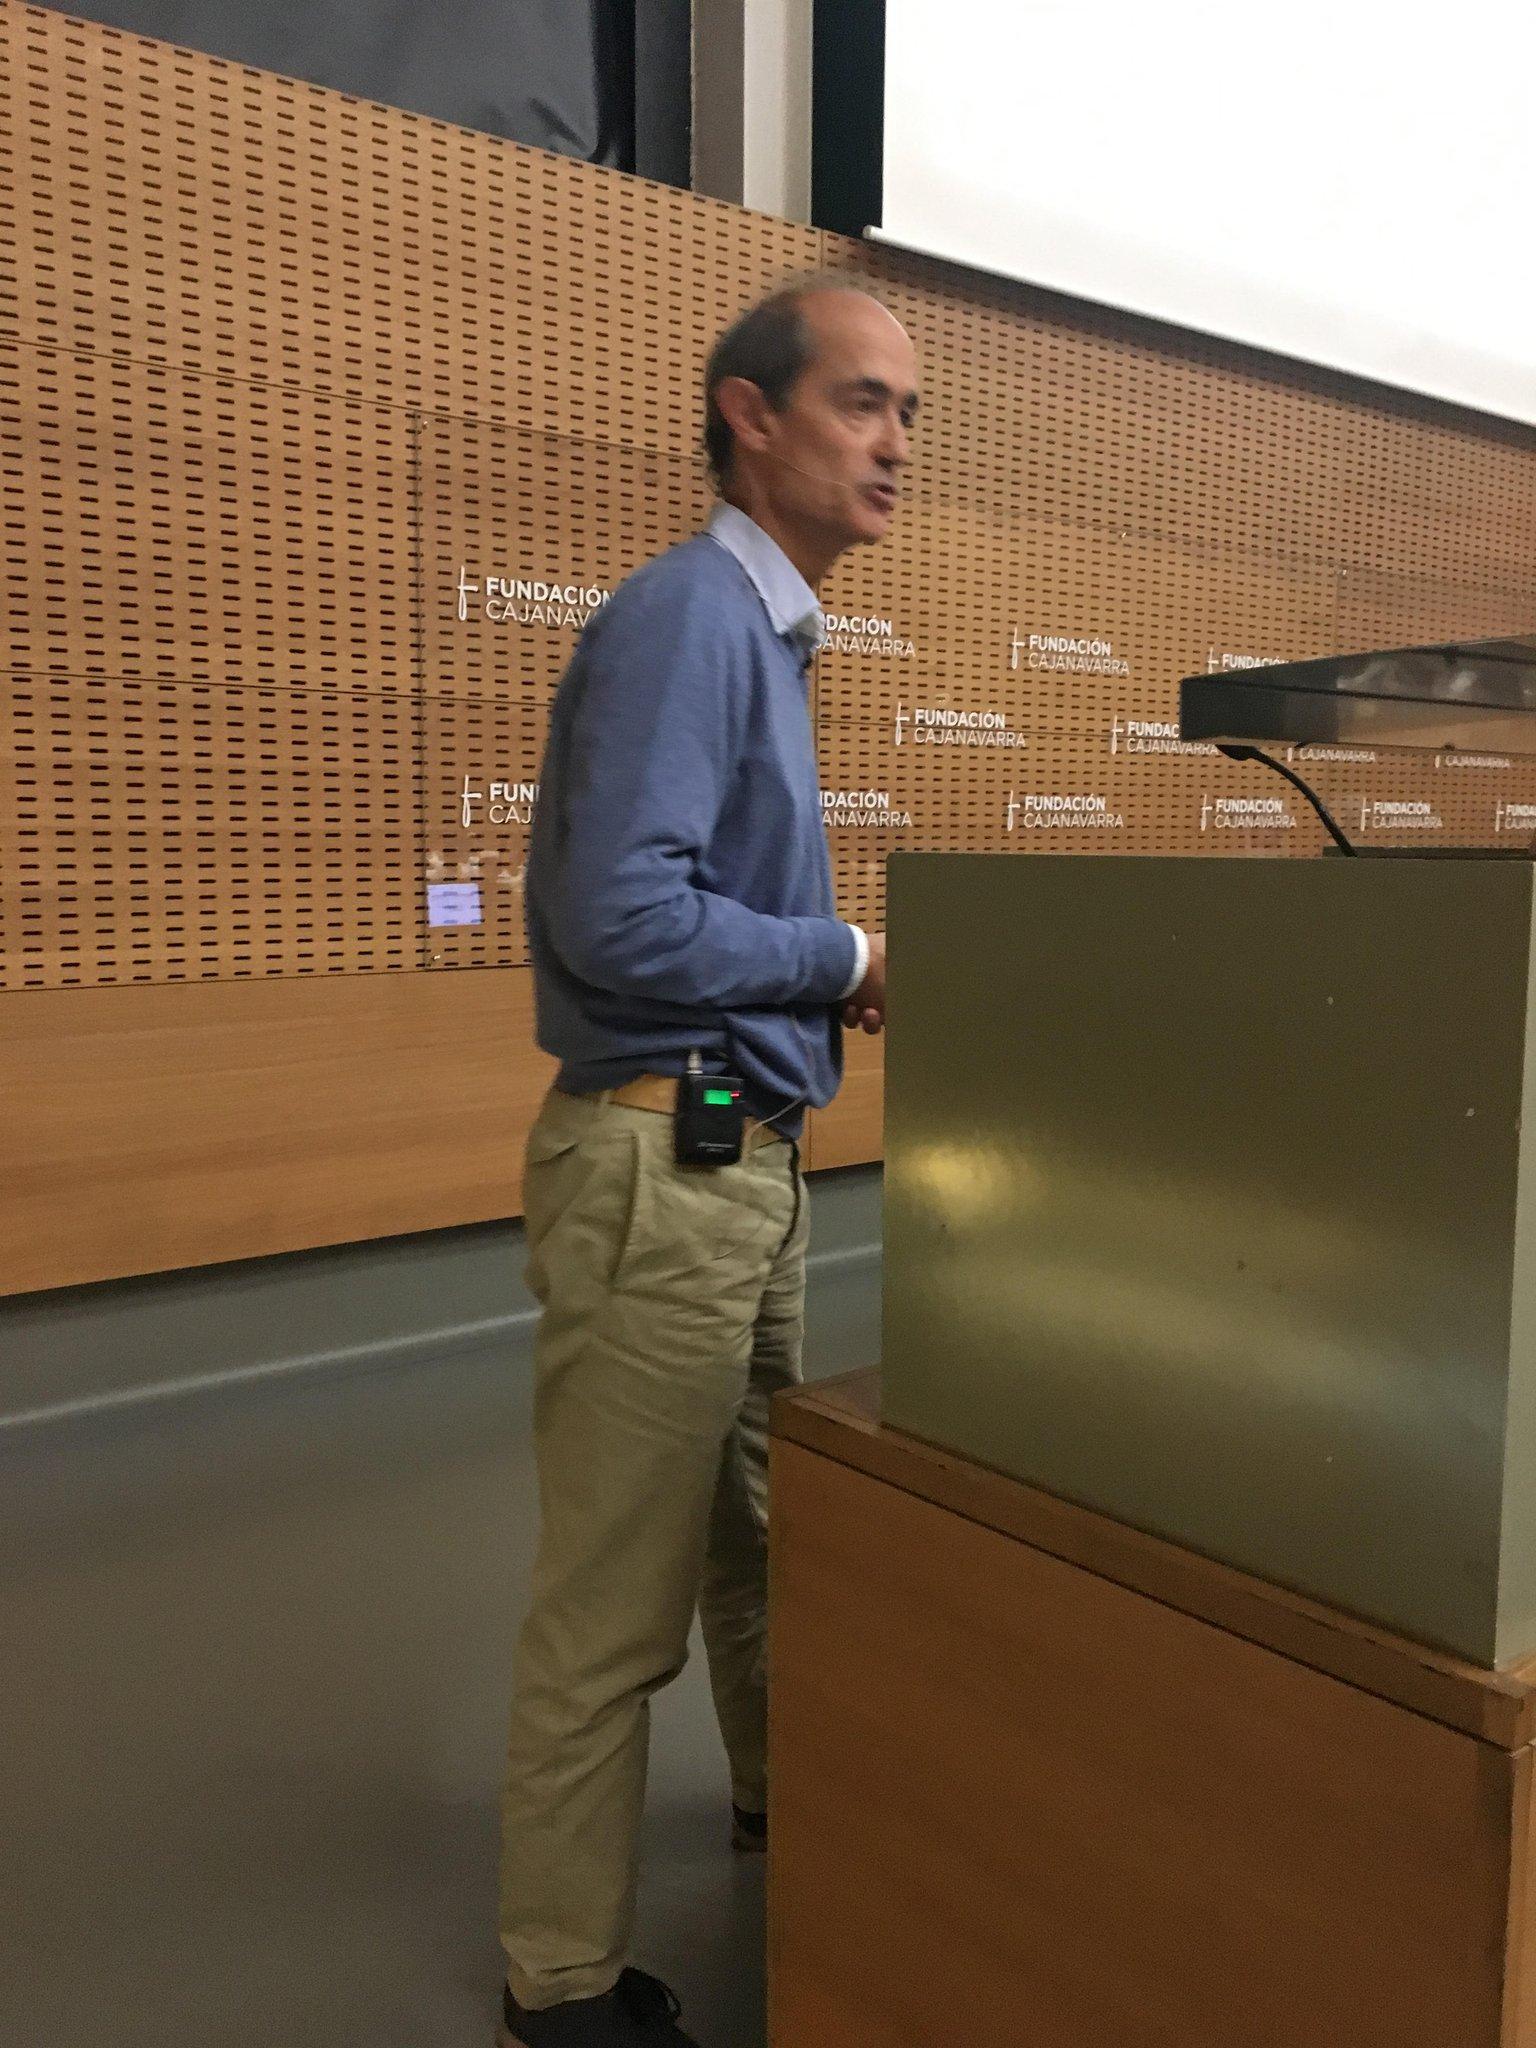 Dr. Fernando Fombellida, especialst en Estomatología y coautor del libro 'Cocinar para vivir, cocinar para prevenir el cáncer' #JornadaSaray https://t.co/WSU8keK32a